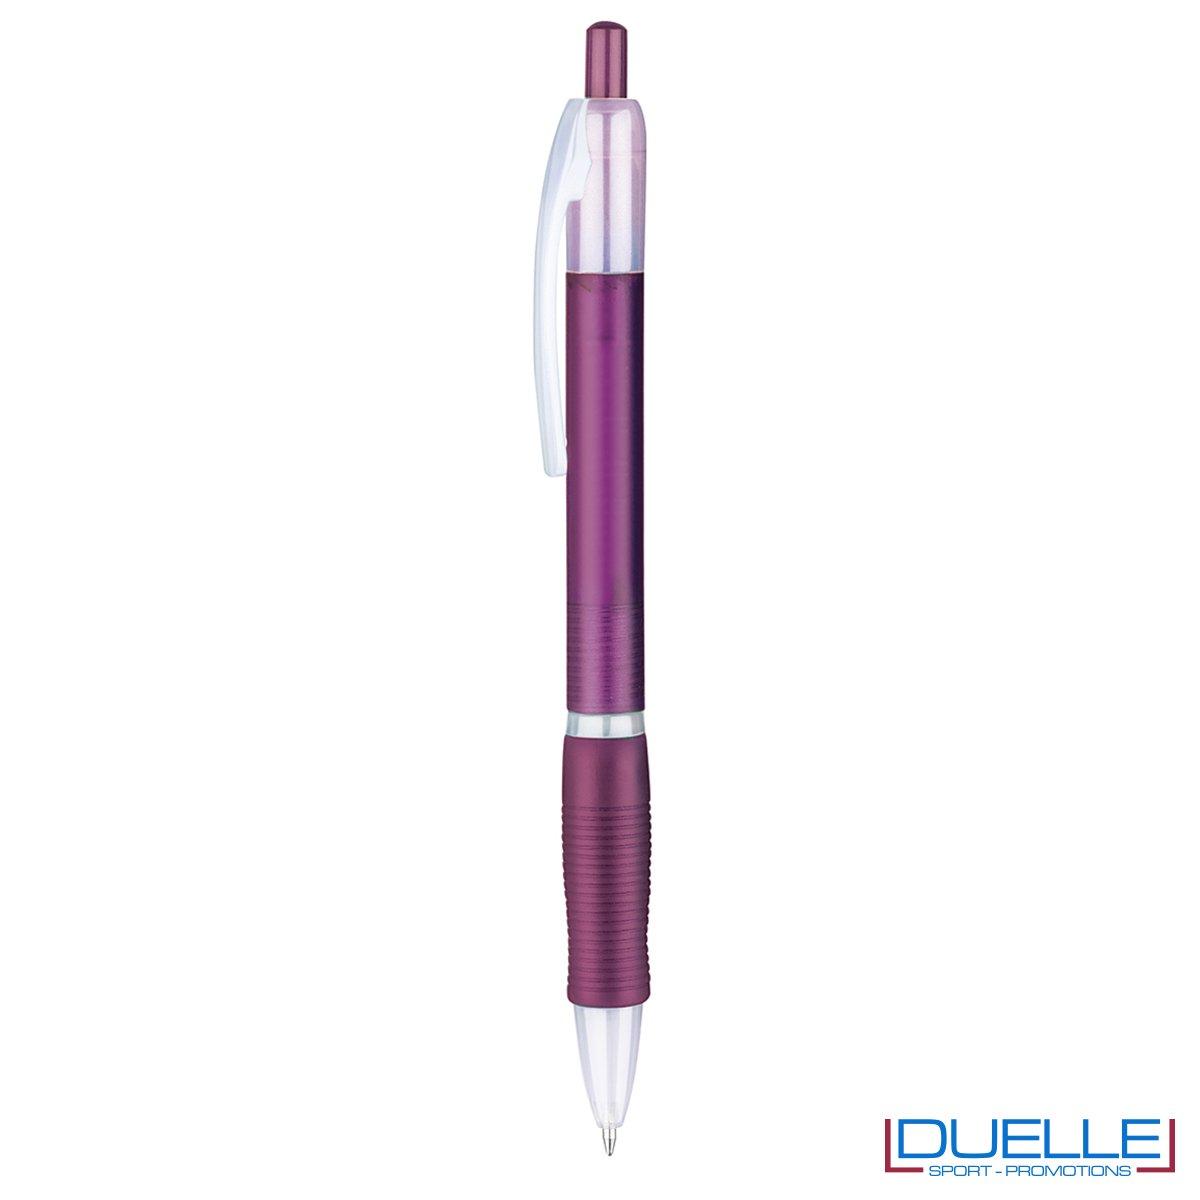 penna personalizzabile economica in colore viola fusto frost, offerta penne economiche personalizzabili in colore viola fusto frost